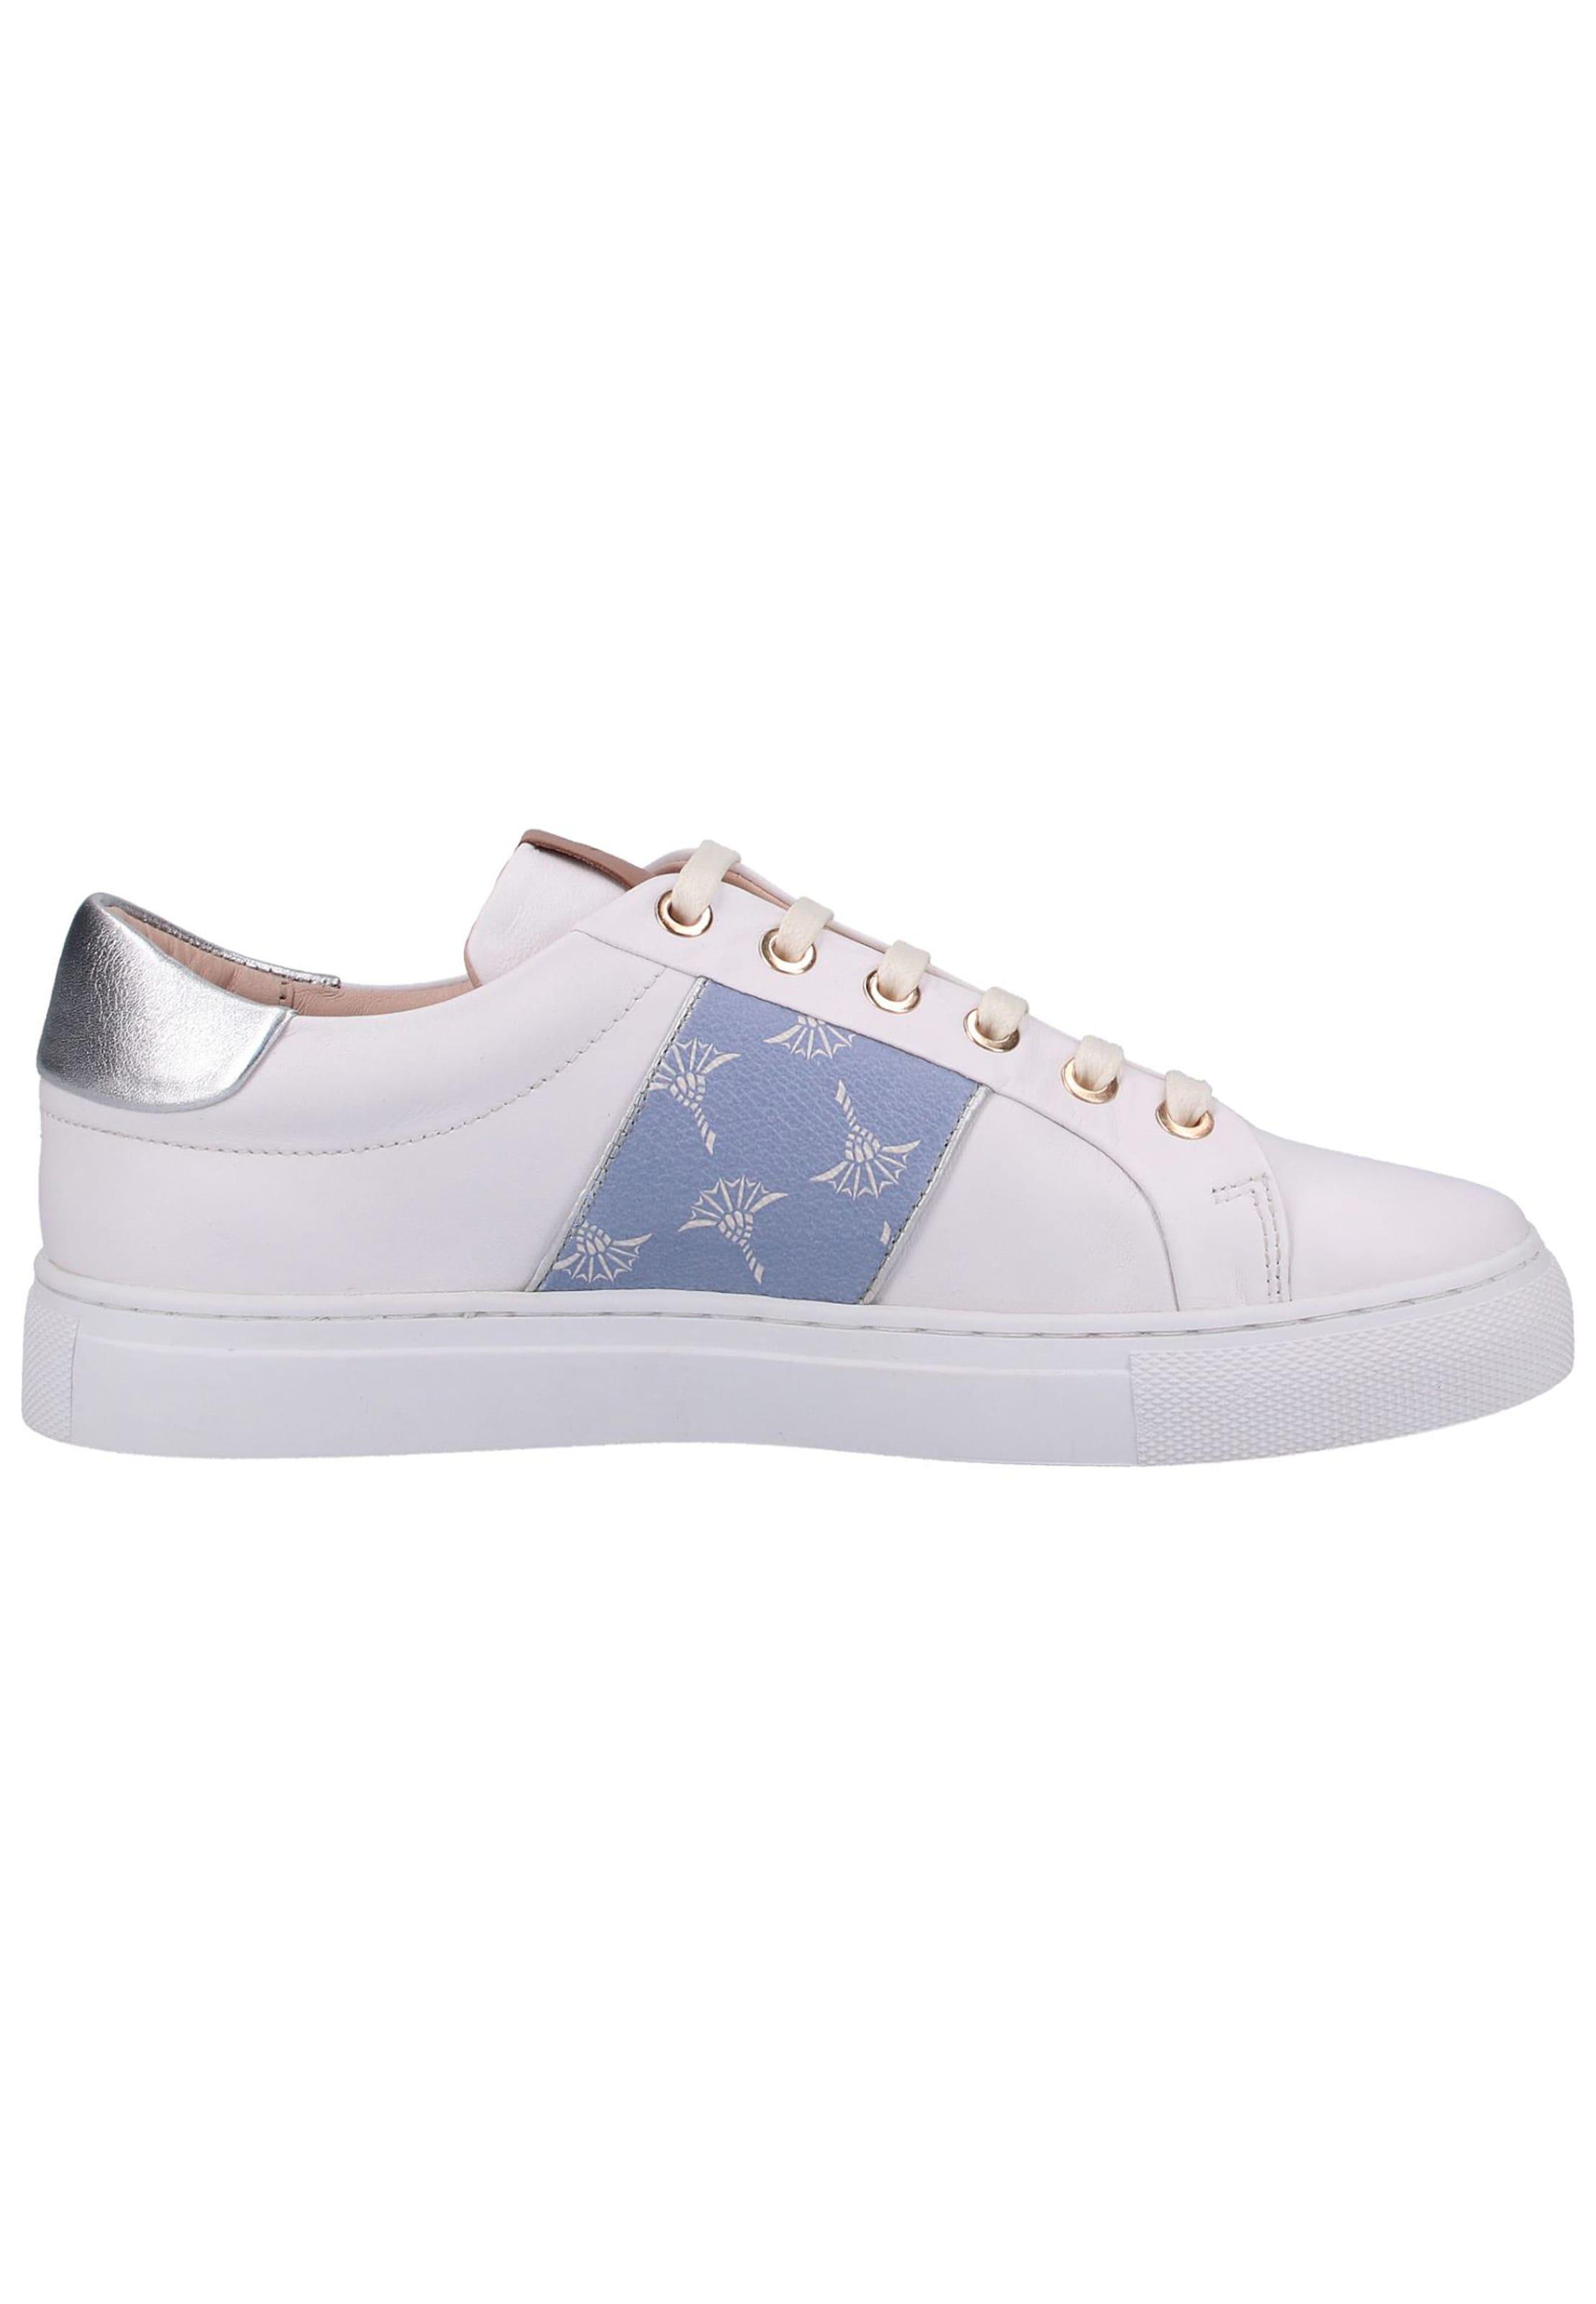 RauchblauSilber Weiß JoopSneaker RauchblauSilber JoopSneaker Weiß JoopSneaker Weiß In RauchblauSilber In In ZiTwPXuOk